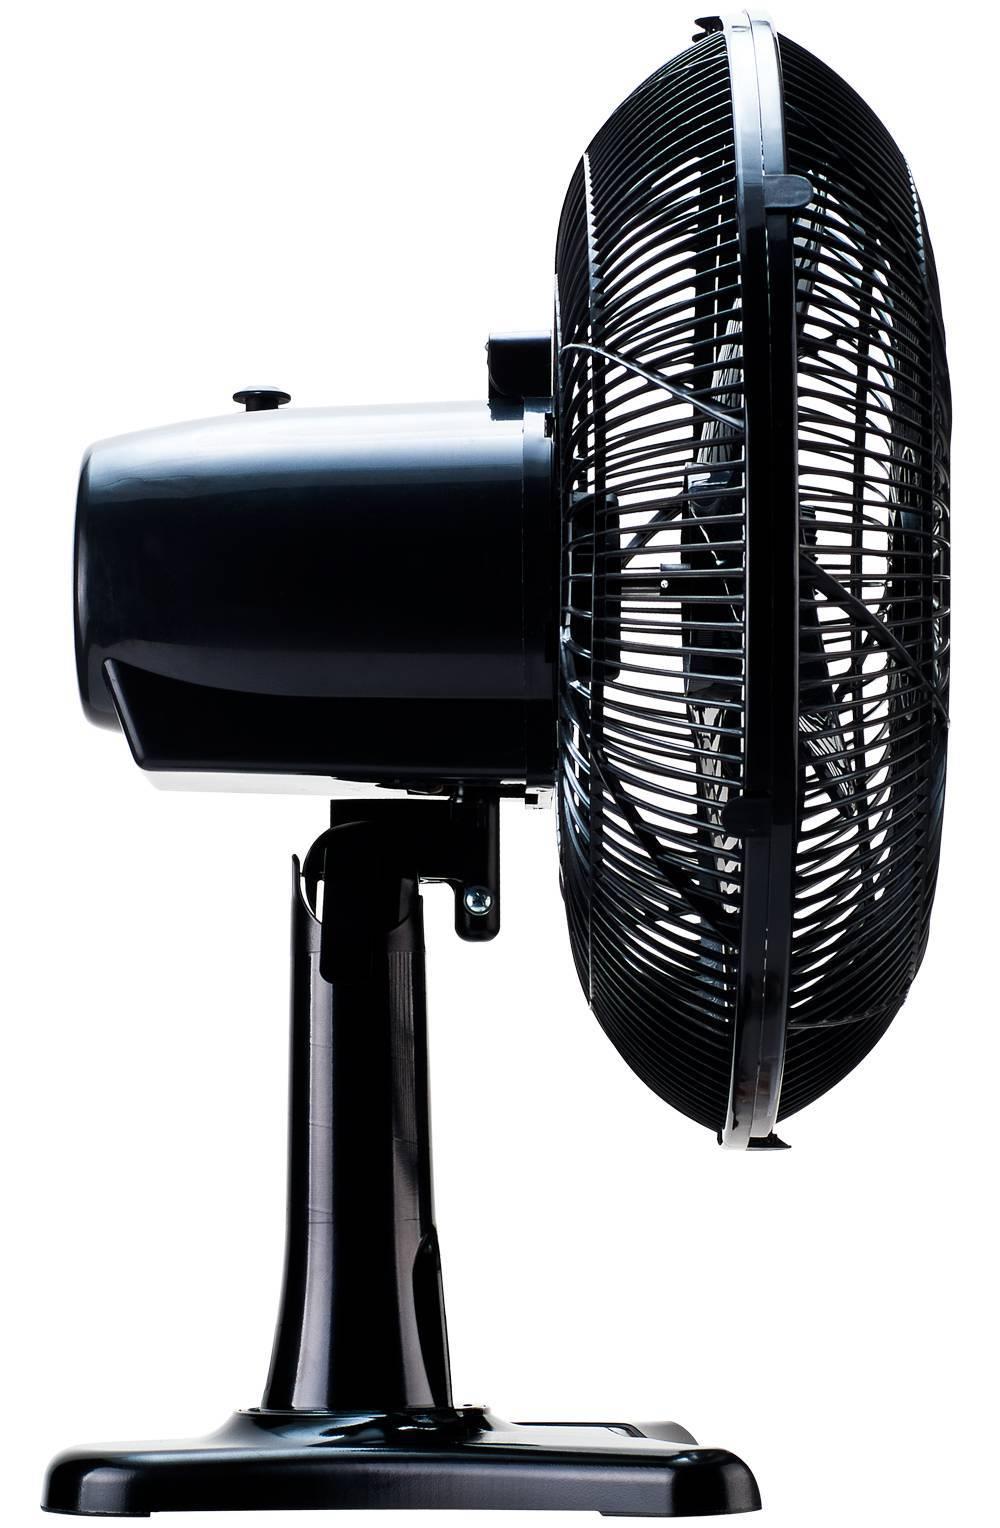 Ventilador de Mesa Ventisol Eco Oscilante 3 Velocidades 30cm - LCGELETRO